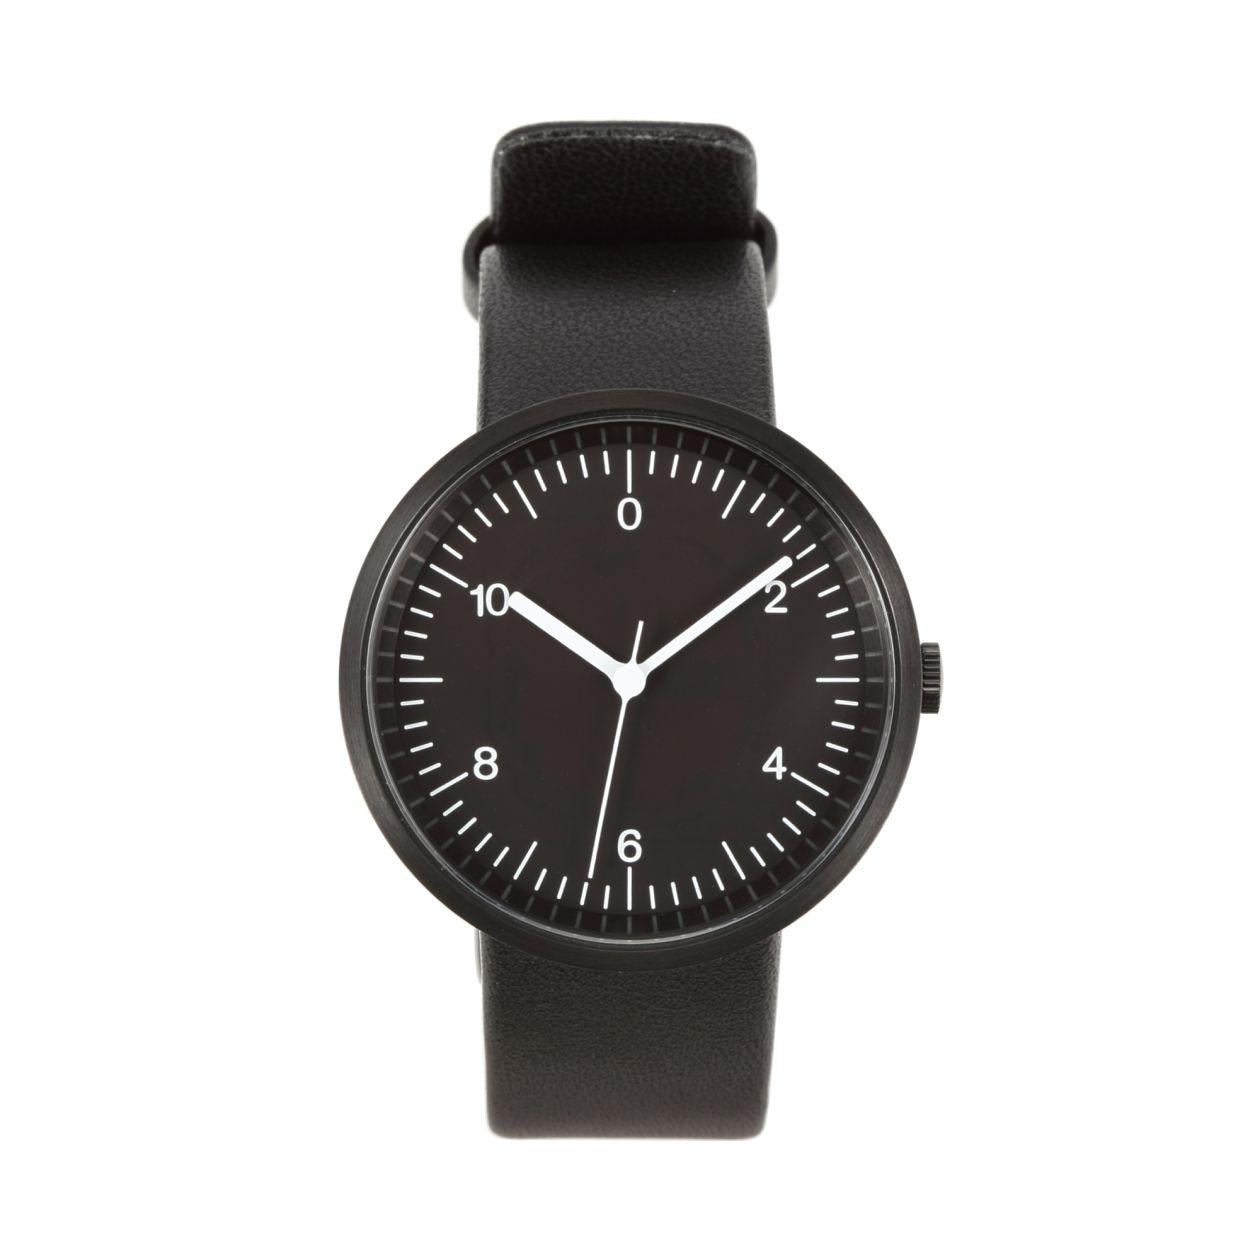 アクリル引出しとベロア内箱でまとめたアクセサリー&腕時計収納。